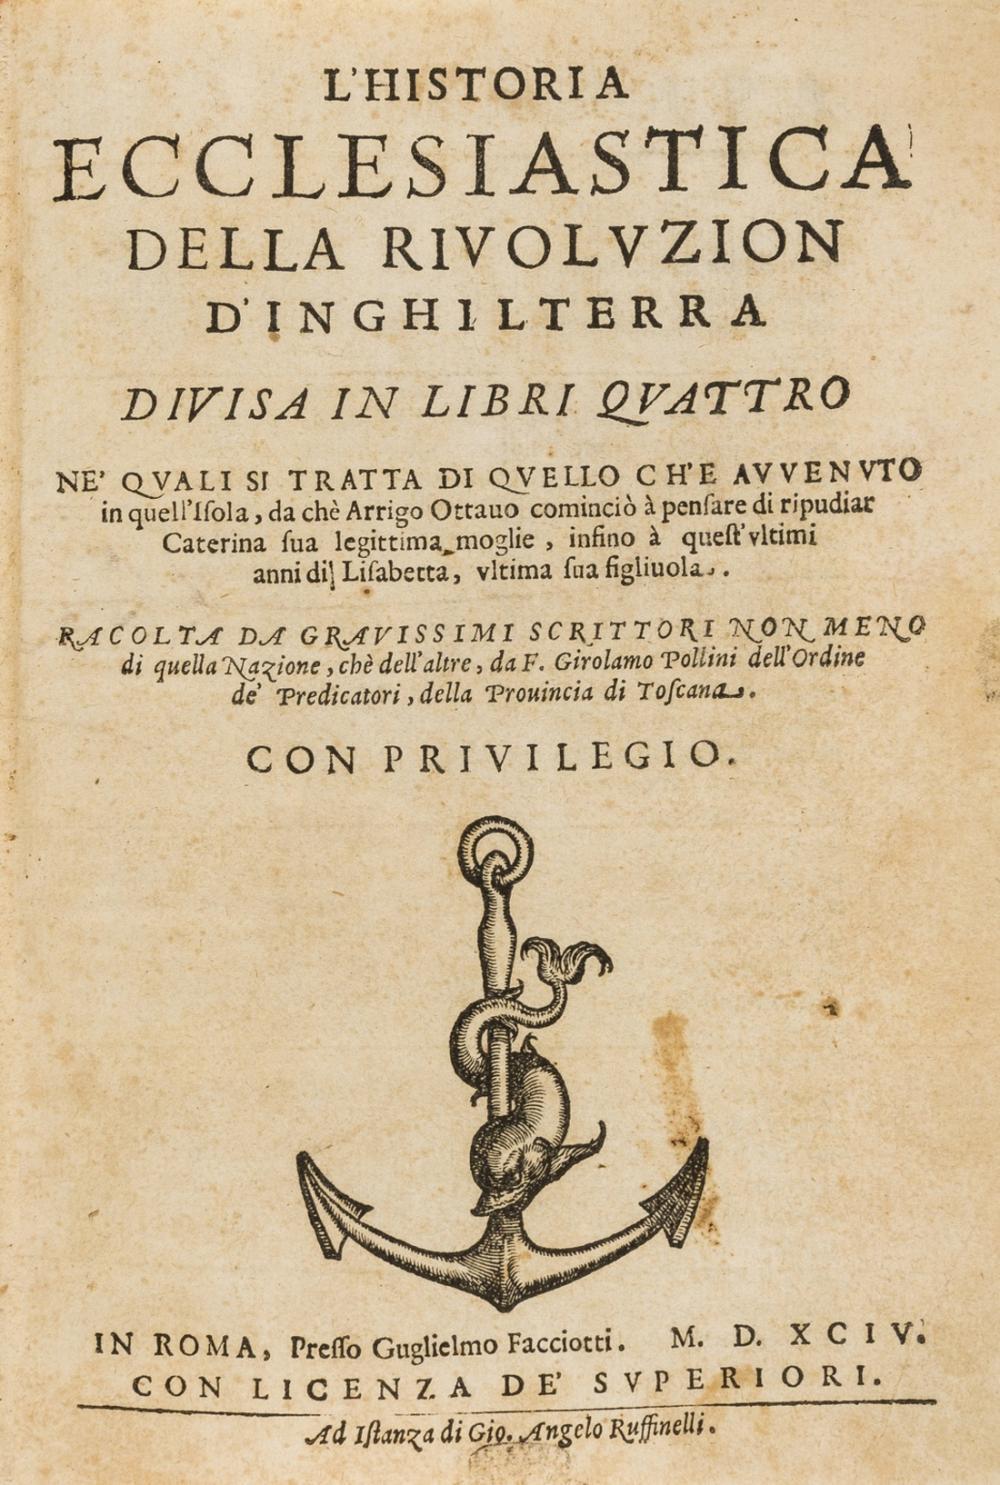 Pollini (Girolamo) L'Historia Ecclesiastica della Rivoluzion d'Inghilterra, Rome, Guglielmo Facciotti, 1594.